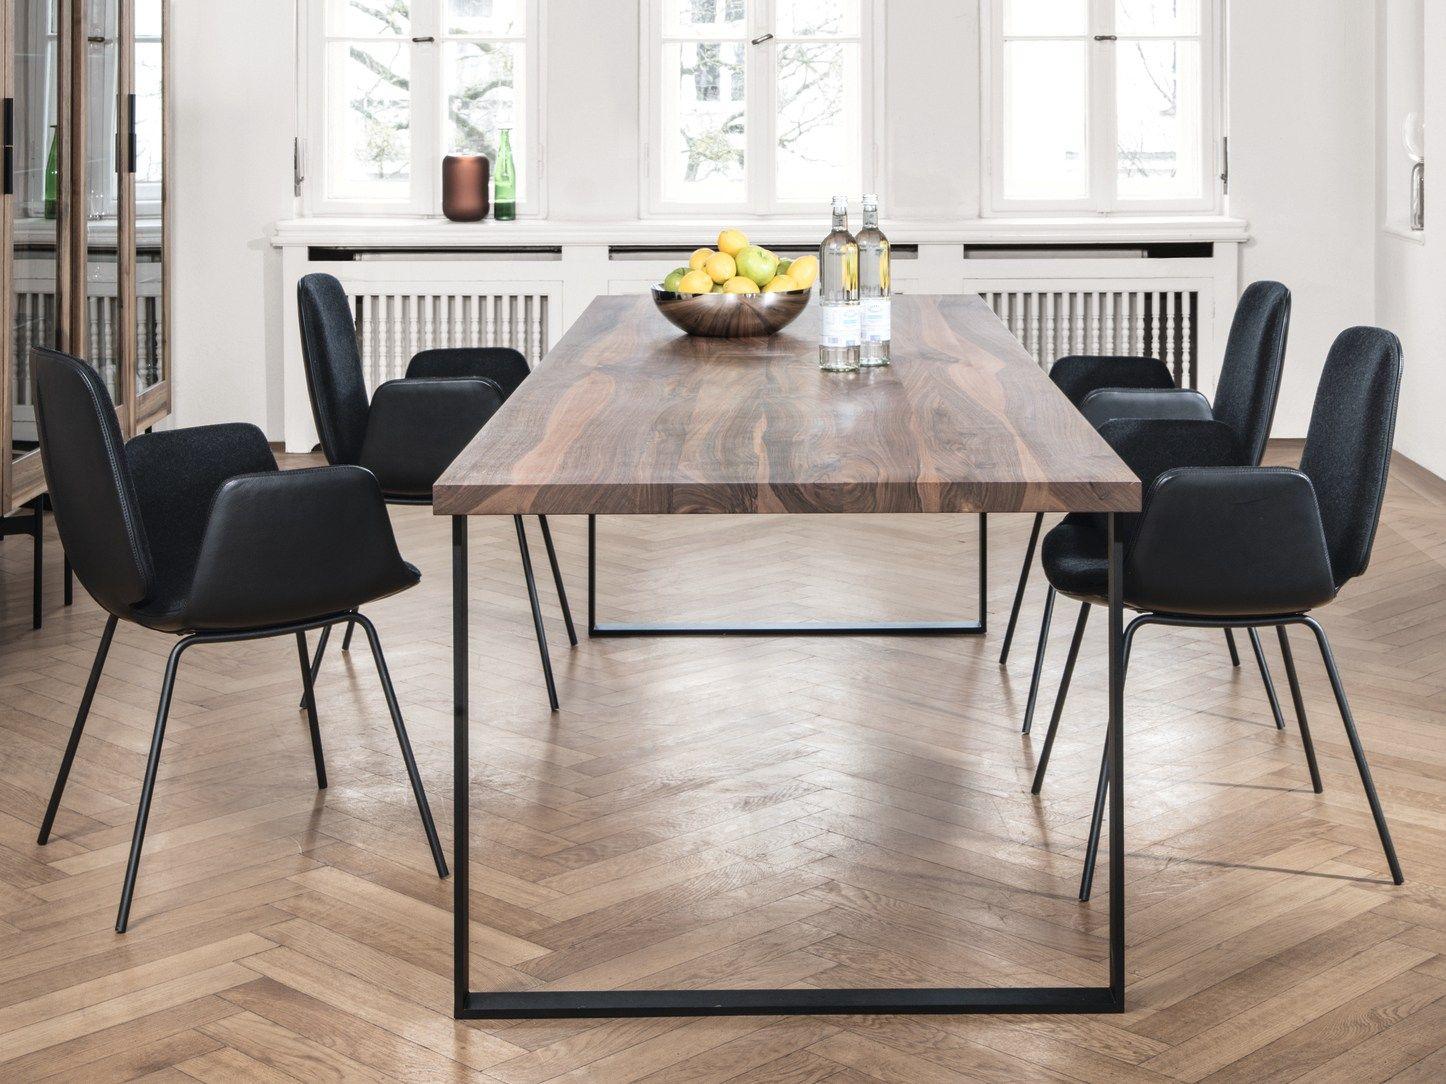 Tavolo da pranzo rettangolare in legno S700 by Janua design Claus P ...